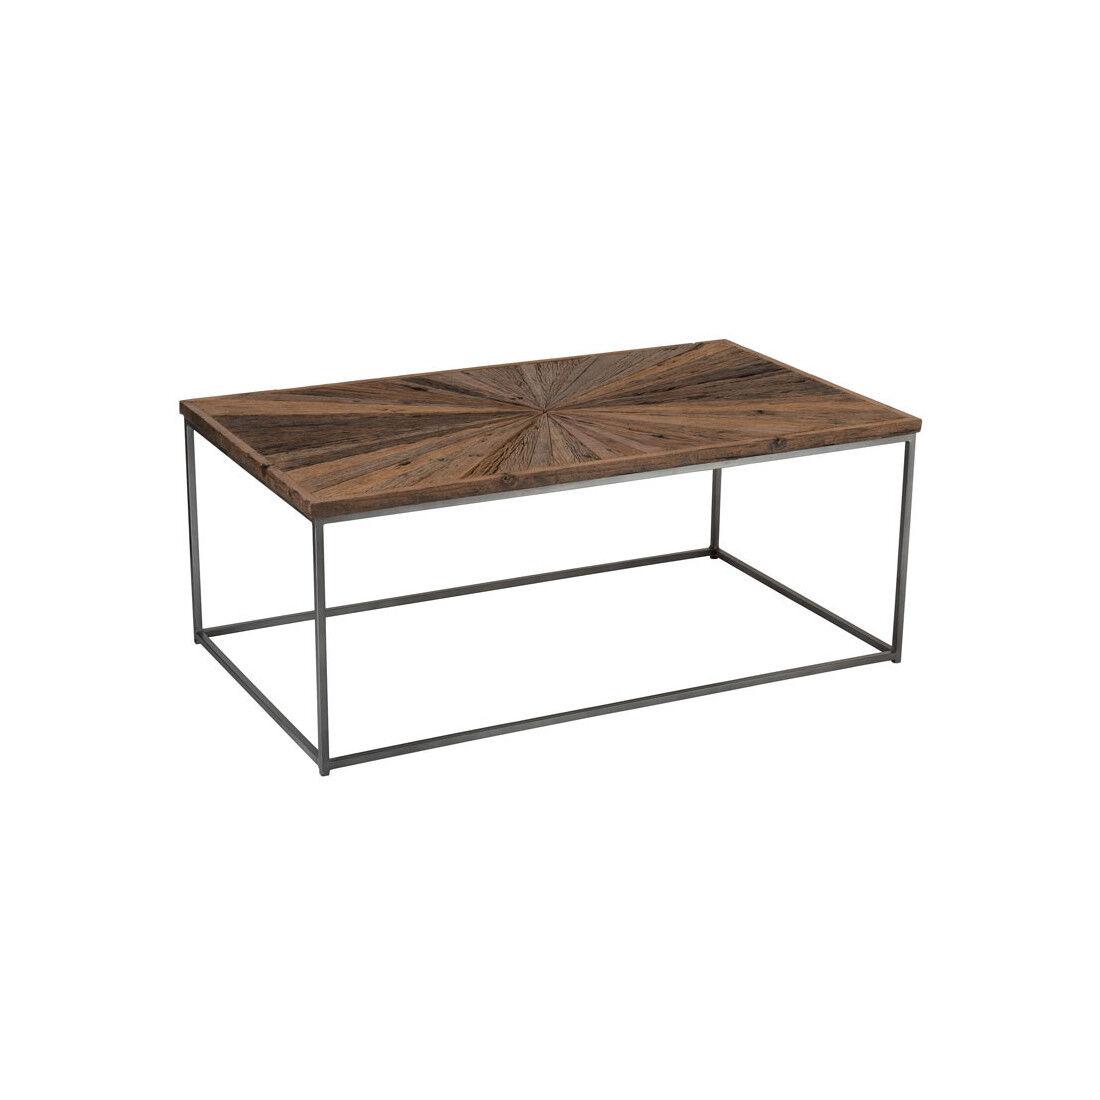 Tousmesmeubles Table basse rectangulaire Bois/Métal - ROTTERDAM - L 120 x l 70 x H 45